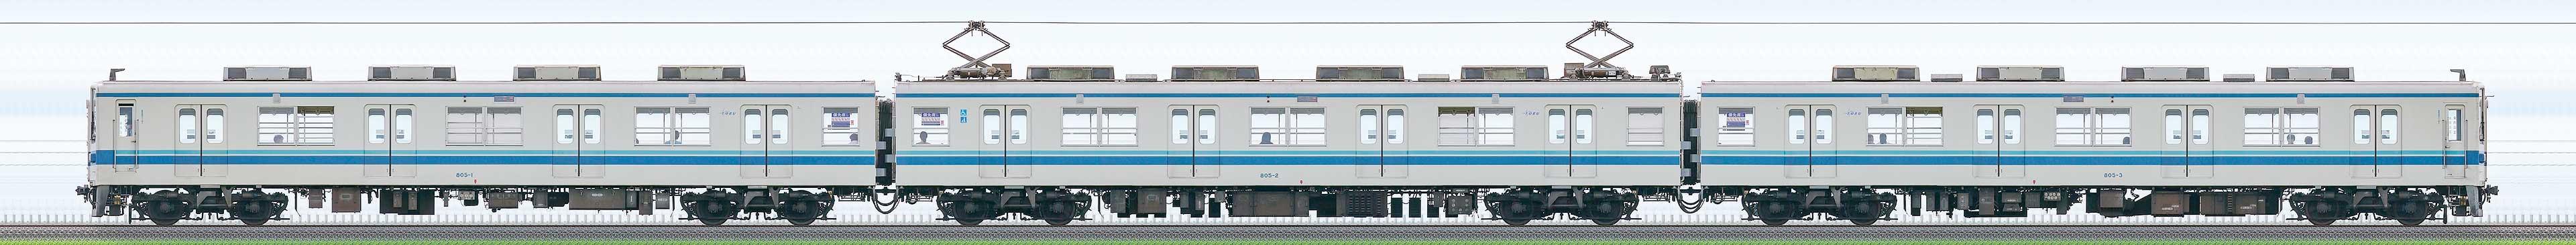 東武800型805編成(海側)の編成サイドビュー